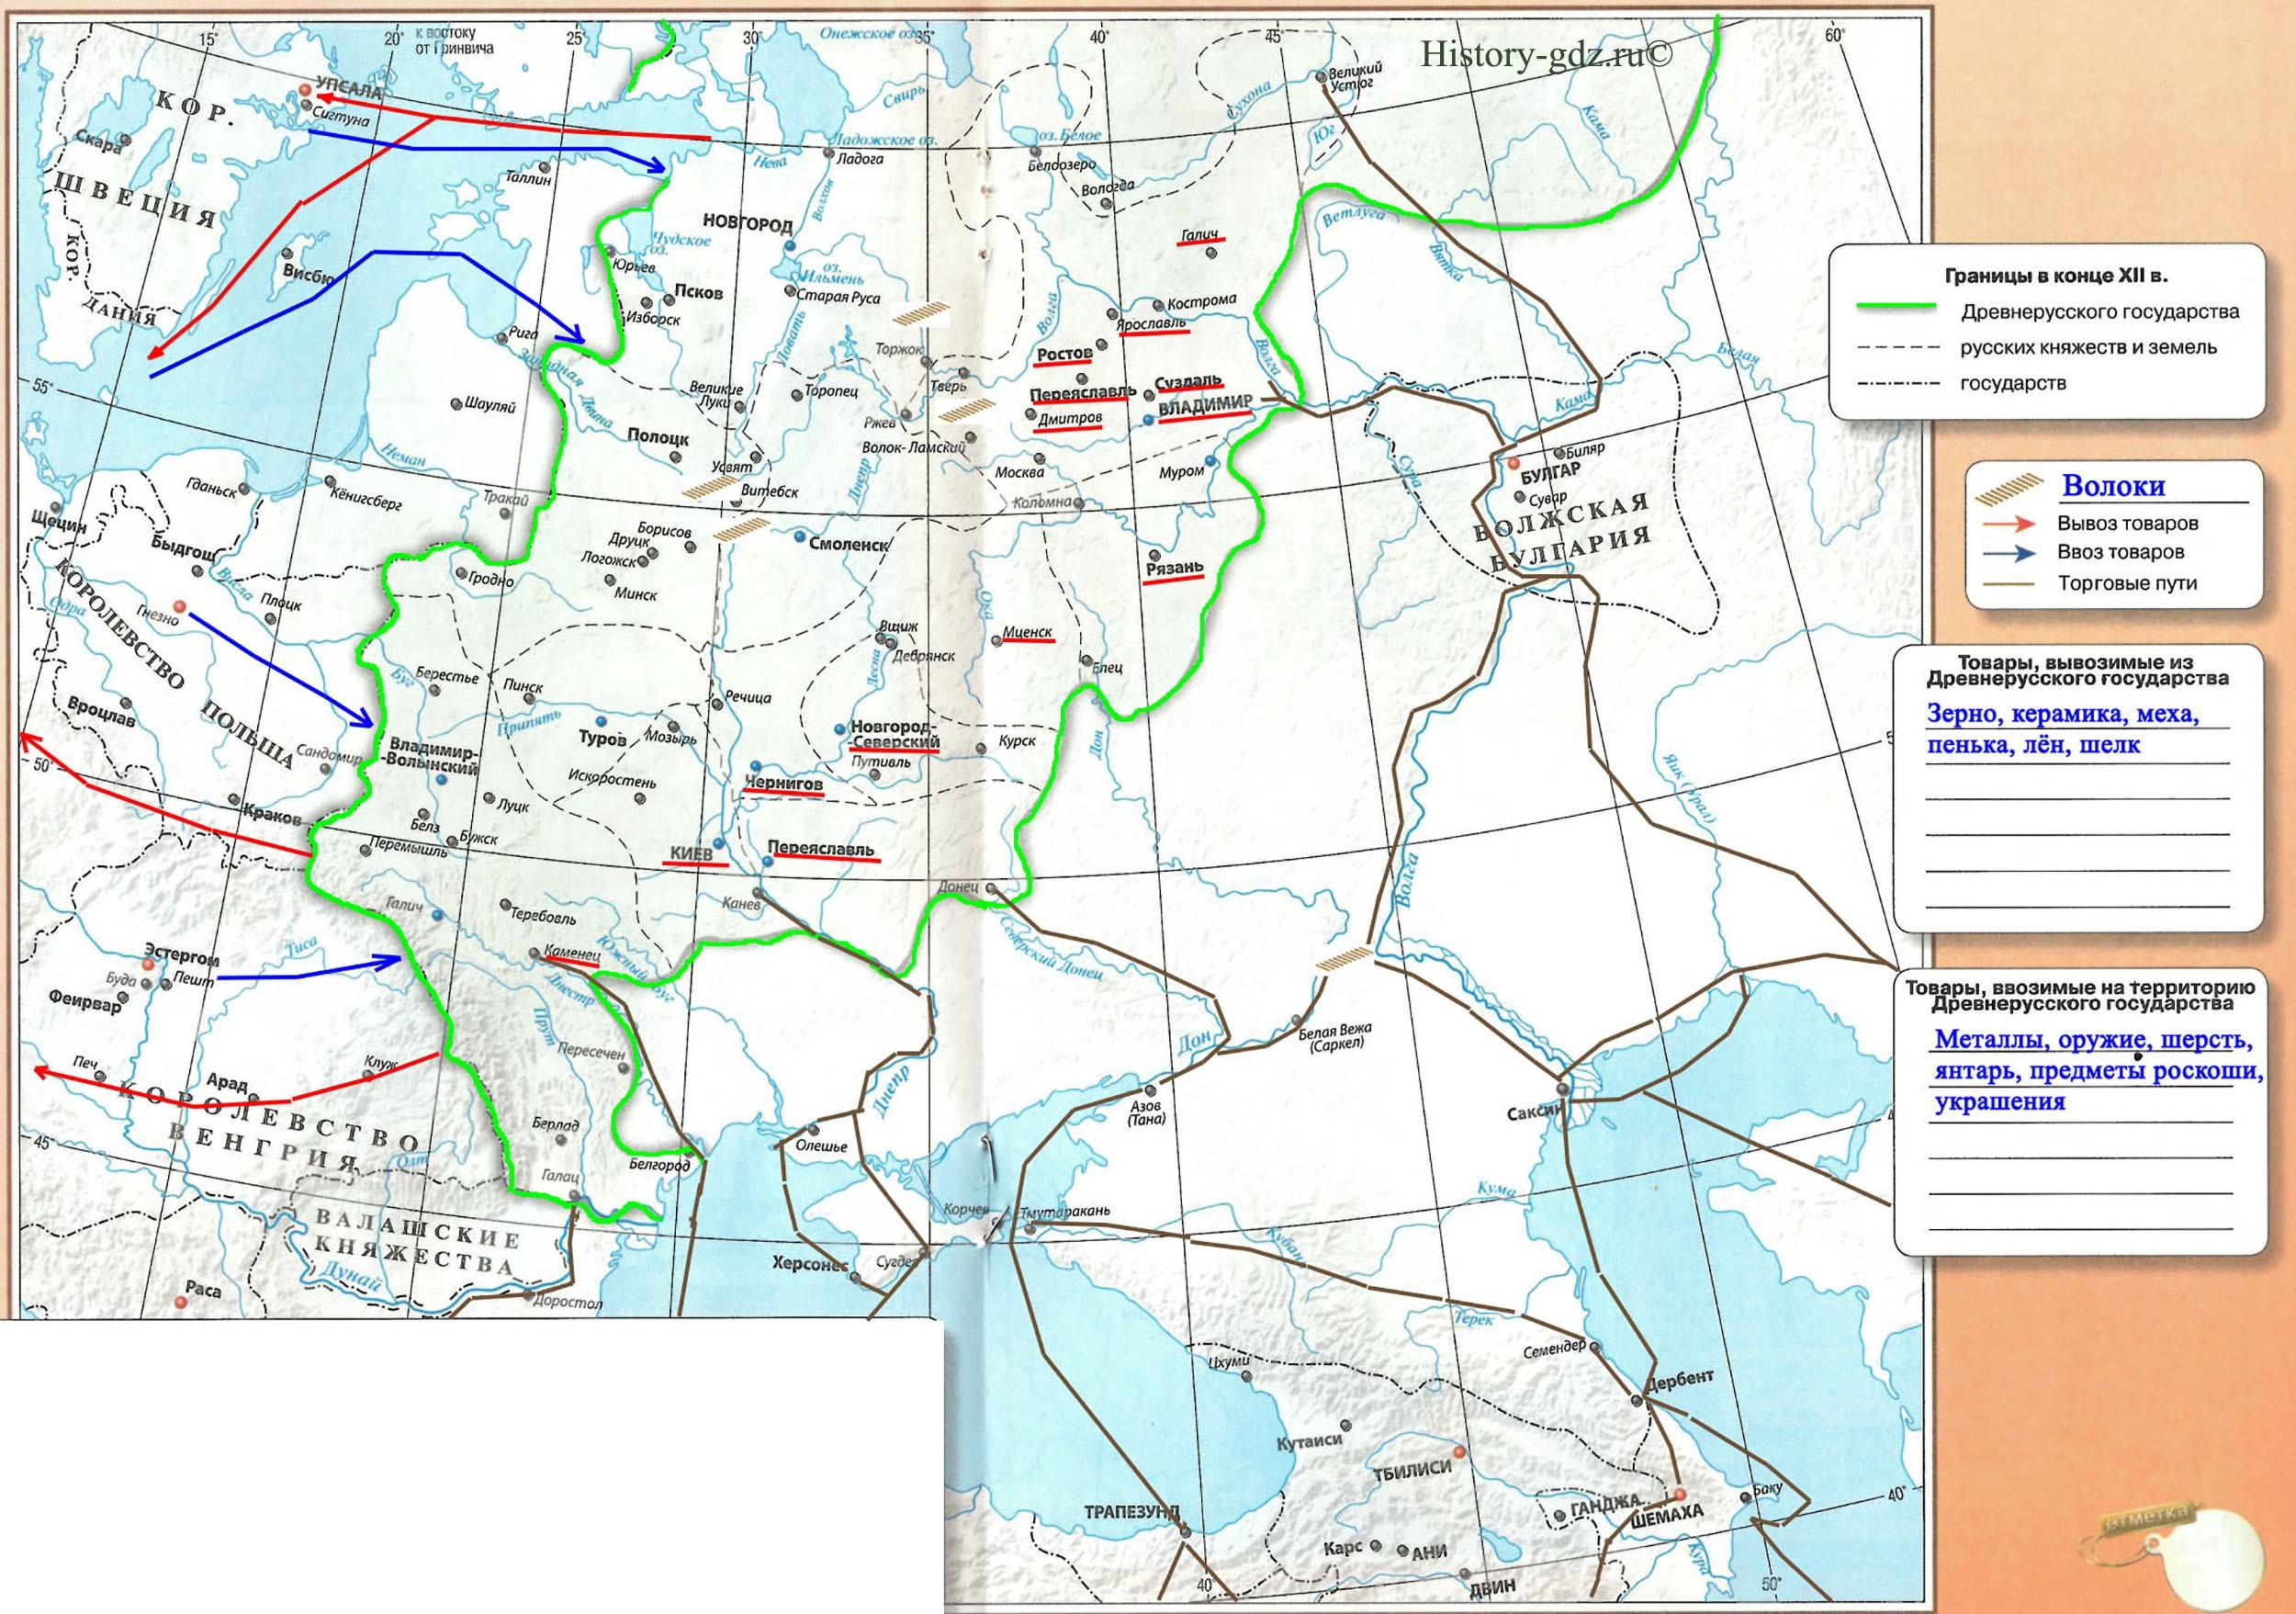 Контурные карты по истории России. Тороп. 6 класс. Страница 8 и 9